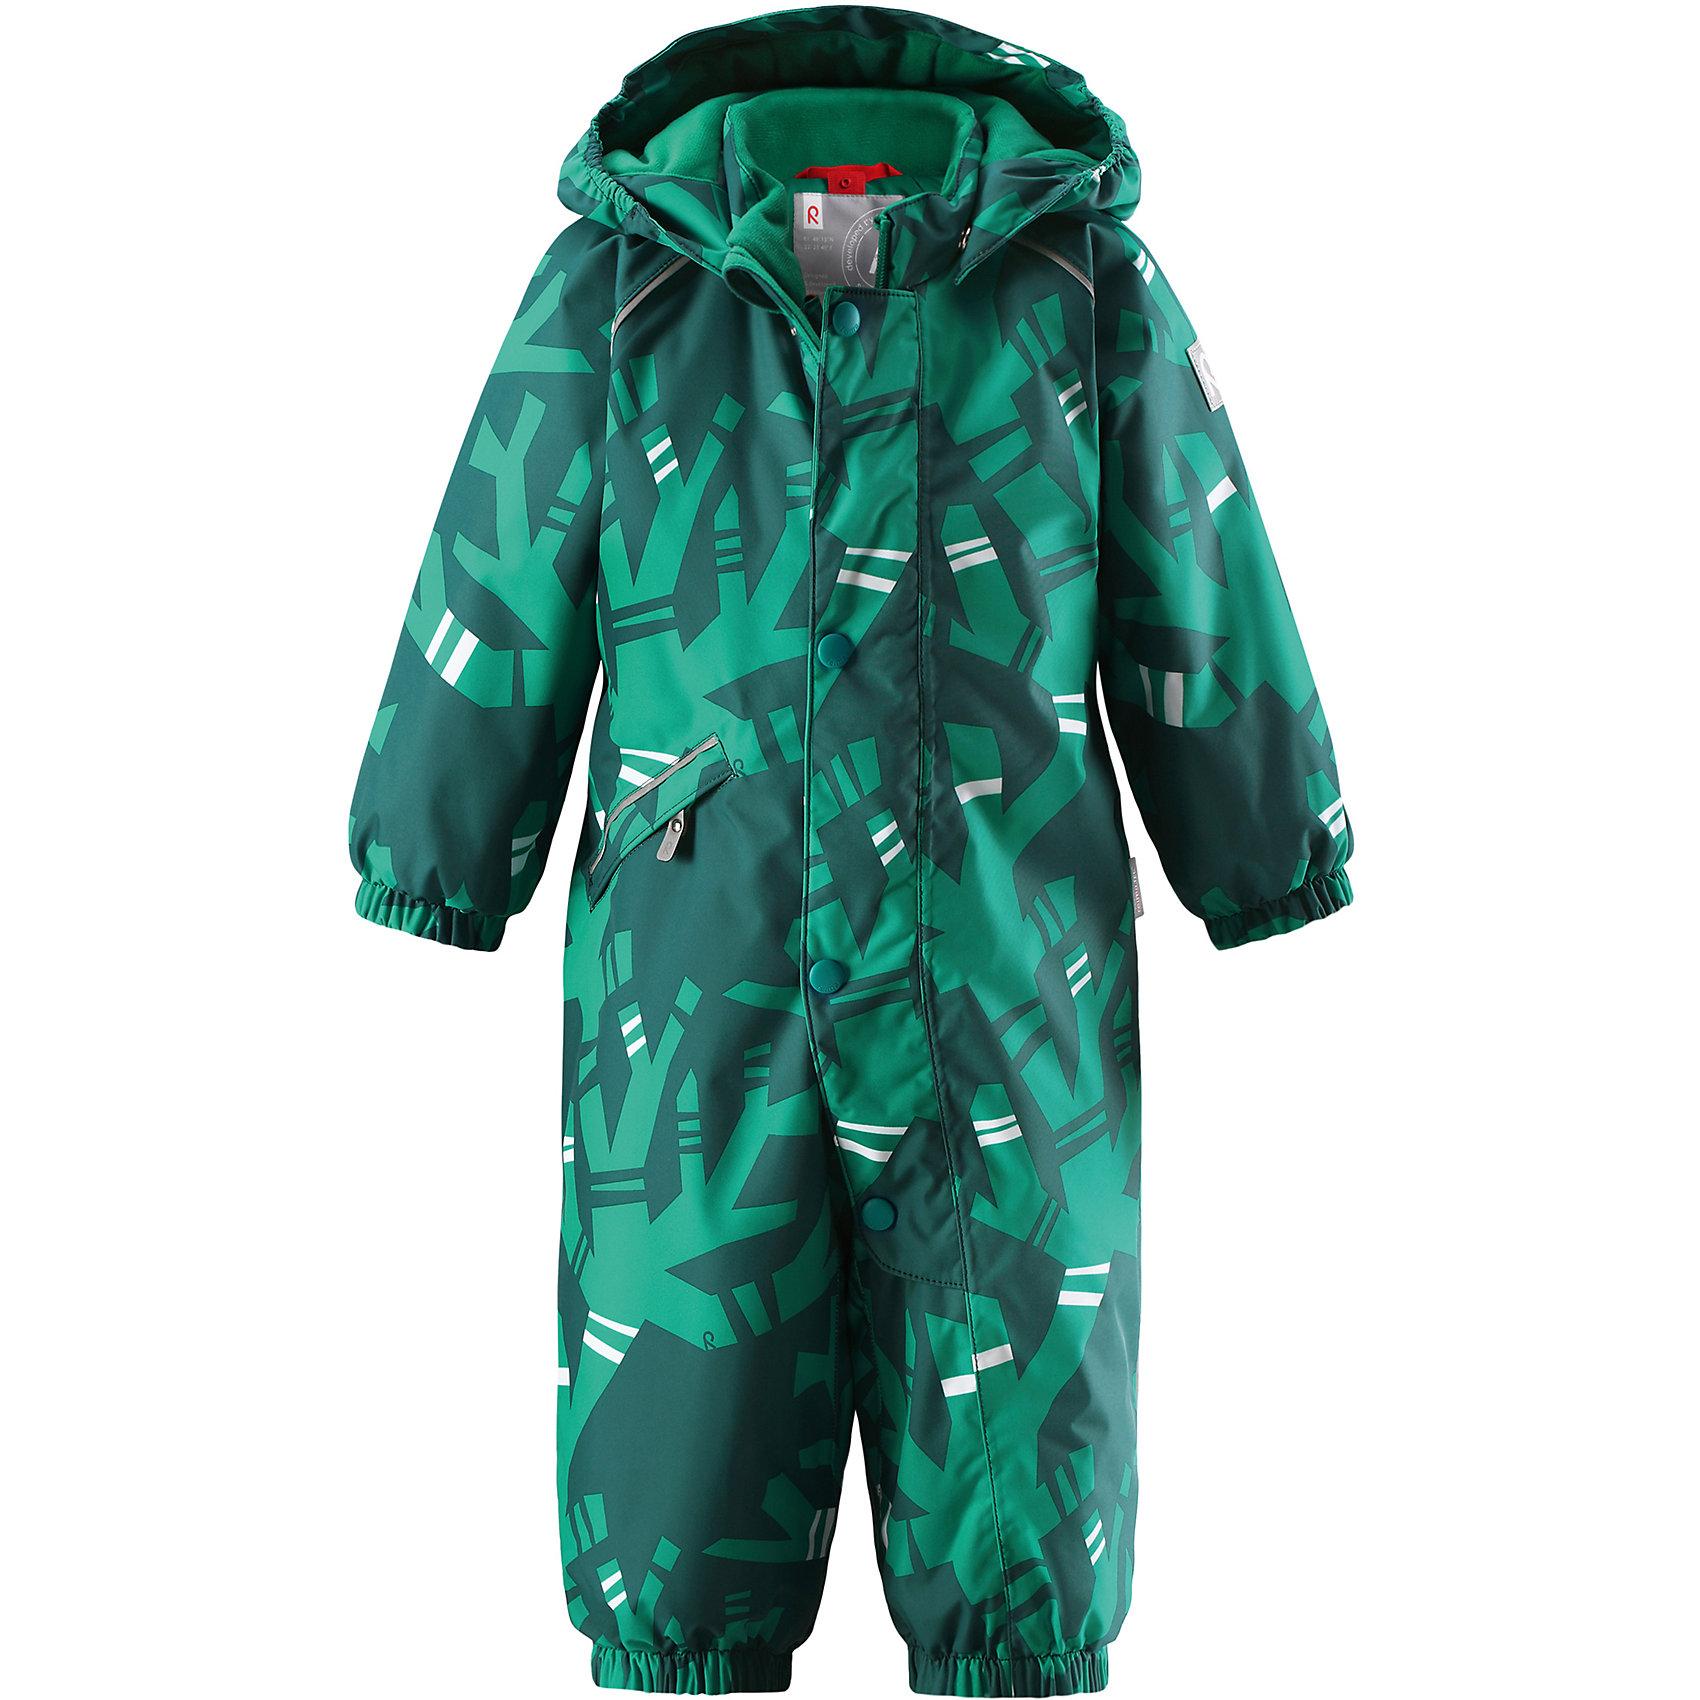 Комбинезон Reima Reimatec® Suo для мальчикаВерхняя одежда<br>Характеристики товара:<br><br>• цвет: зеленый<br>• состав: 100% полиэстер<br>• утеплитель: 160 г/м2 (soft loft insulation)<br>• сезон: зима<br>• температурный режим: от 0 до -20С<br>• водонепроницаемость: 15000 мм<br>• воздухопроницаемость: 7000 мм<br>• износостойкость: 35000 циклов (тест Мартиндейла)<br>• особенности модели: с рисунком<br>• основные швы проклеены и не пропускают влагу<br>• водо- и ветронепроницаемый, дышащий и грязеотталкивающий материал<br>• утепленная задняя часть изделия<br>• гладкая подкладка из полиэстера<br>• безопасный, съемный, регулируемый капюшон<br>• защита подбородка от защемления<br>• эластичные манжеты и штанины<br>• эластичная талия<br>• съемные эластичные штрипки <br>• длинная молния для легкого надевания<br>• дополнительная планка с кнопками<br>• карман на молнии<br>• светоотражающие детали<br>• страна бренда: Финляндия<br>• страна изготовитель: Китай<br><br>Зимний комбинезон на молнии для мальчика! Основные швы комбинезона проклеены, а сам он изготовлен из водо и ветронепроницаемого, грязеотталкивающего материала. Утепленная задняя часть обеспечит дополнительное утепление во время игр в снегу.<br><br>Гладкая подкладка и длинная молния облегчают надевание. Маленький карман на молнии надежно сохранит все сокровища. Обратите внимание: комбинезон можно сушить в сушильной машине. Зимний комбинезон с капюшоном для мальчика декорирован абстрактным рисунком.<br><br>Комбинезон Suo для мальчика Reimatec® Reima от финского бренда Reima (Рейма) можно купить в нашем интернет-магазине.<br><br>Ширина мм: 356<br>Глубина мм: 10<br>Высота мм: 245<br>Вес г: 519<br>Цвет: зеленый<br>Возраст от месяцев: 24<br>Возраст до месяцев: 36<br>Пол: Мужской<br>Возраст: Детский<br>Размер: 98,74,80,86,92<br>SKU: 6908122